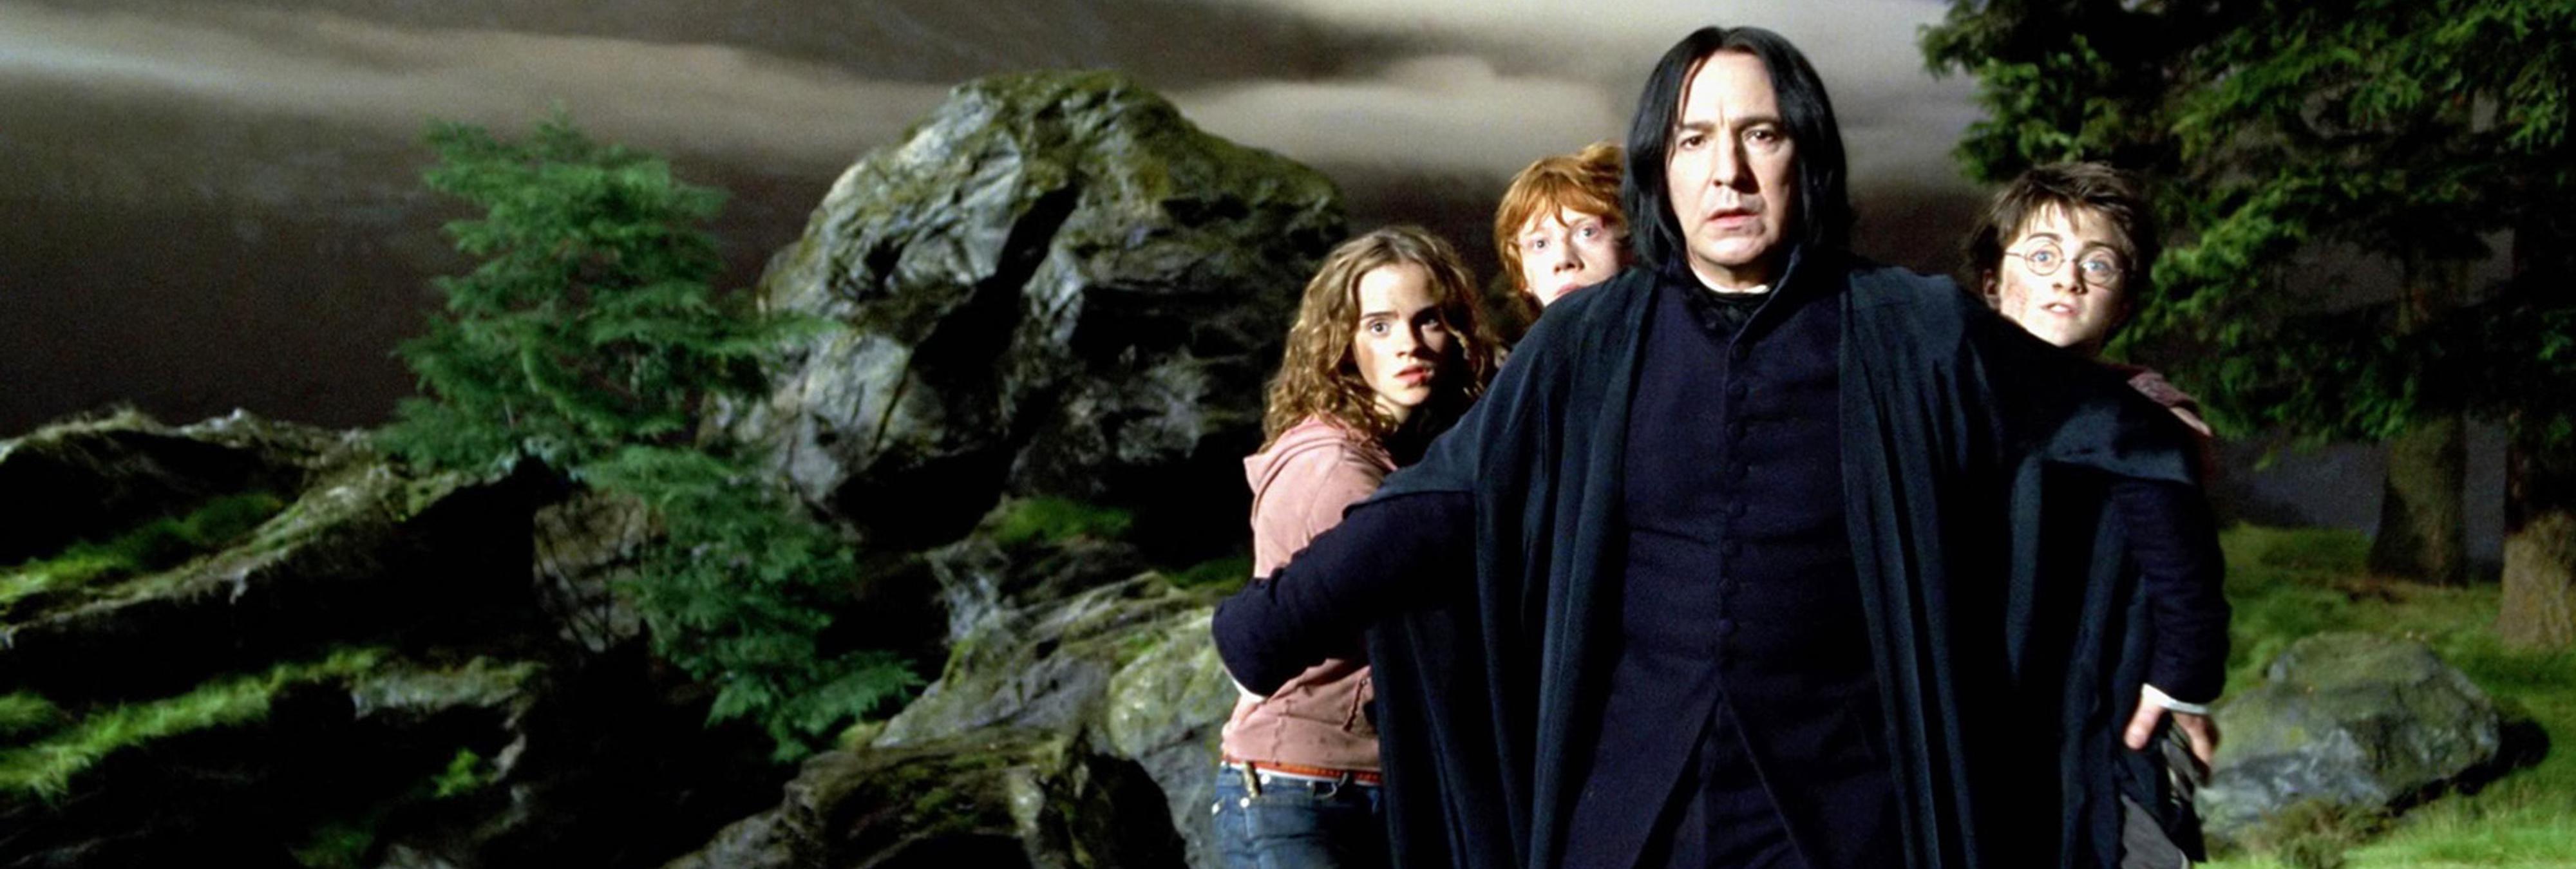 Esta teoría de 'Harry Potter' asegura que Snape sobrevivió a la Batalla de Hogwarts